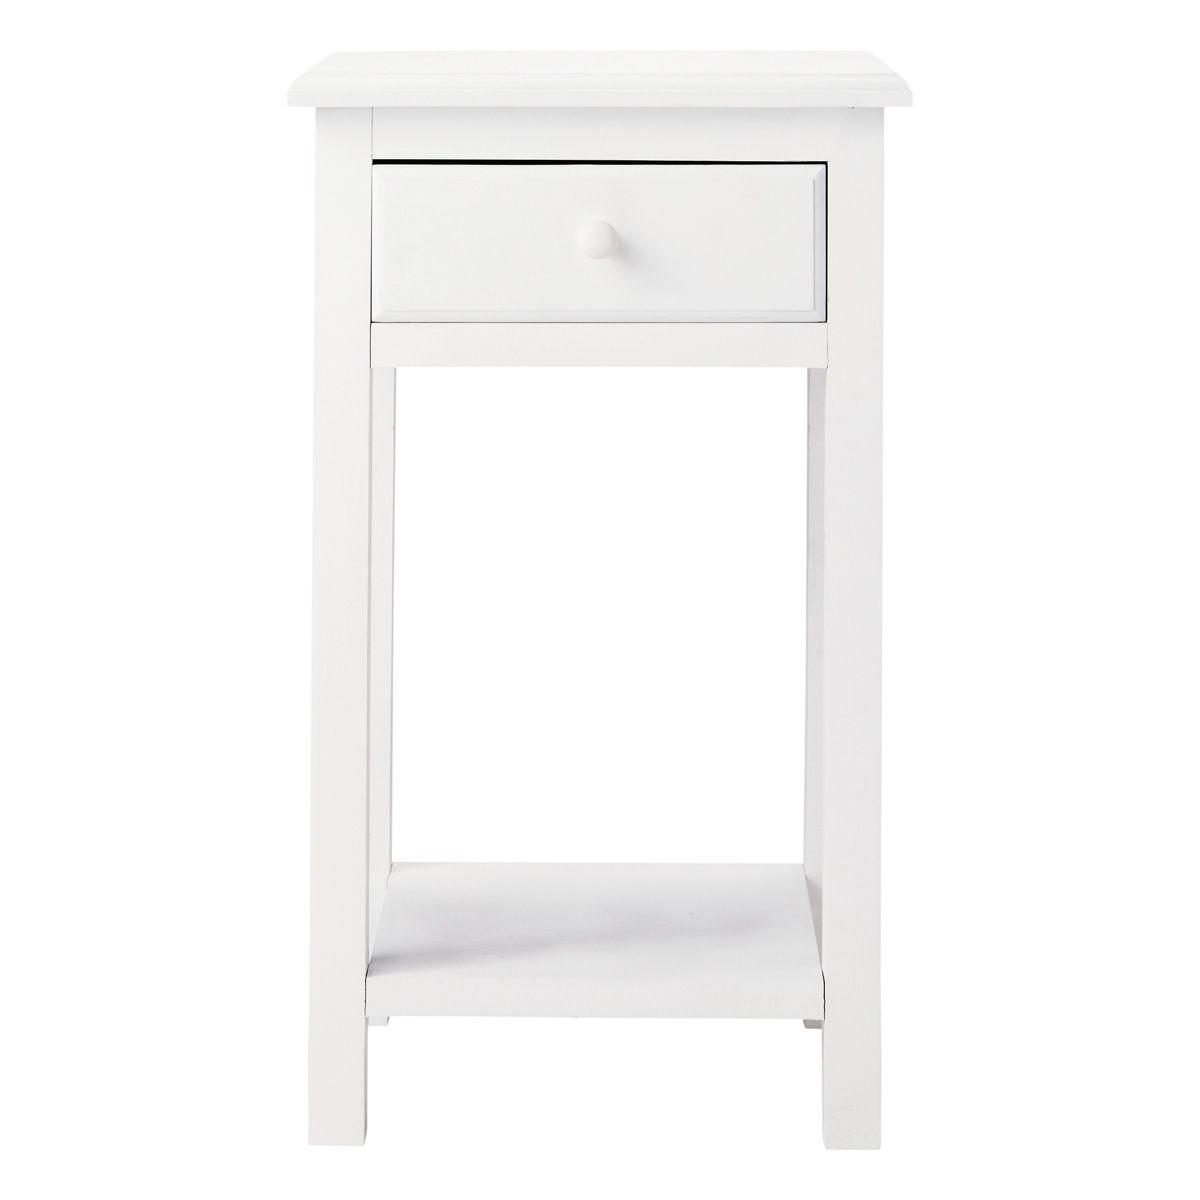 Nachttisch Aus Holz Mit Schublade B 35 Cm Weiß Pastel Maisons Du Monde